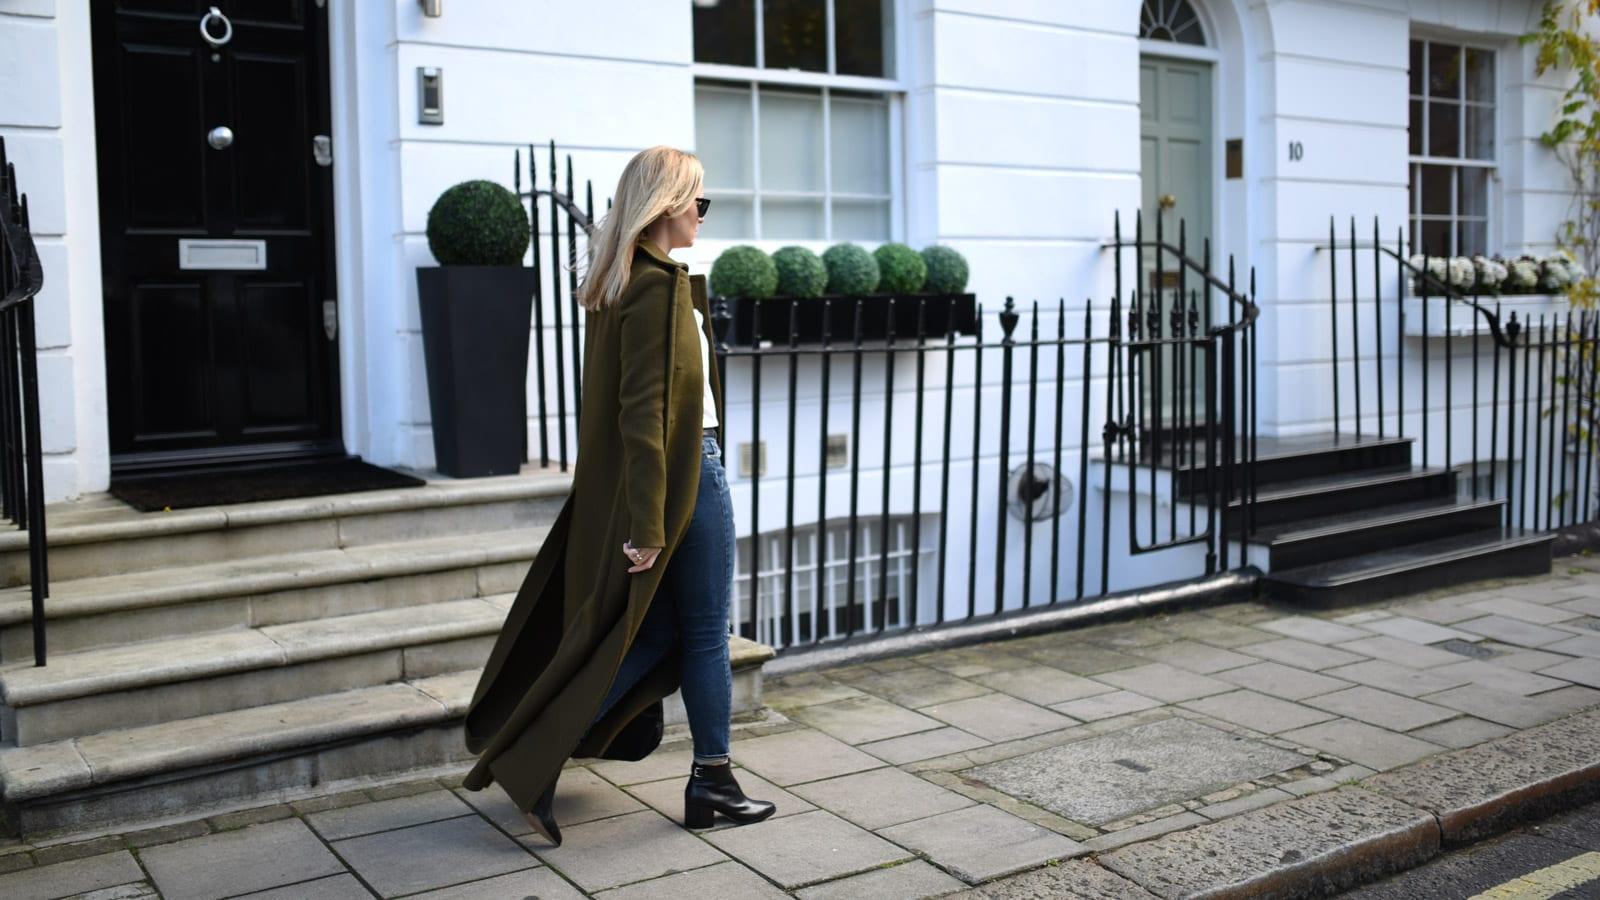 Style&Minimalism | It's Personal | Wearing Theory, Michael Michael Kors, Maison-Standards & Paige